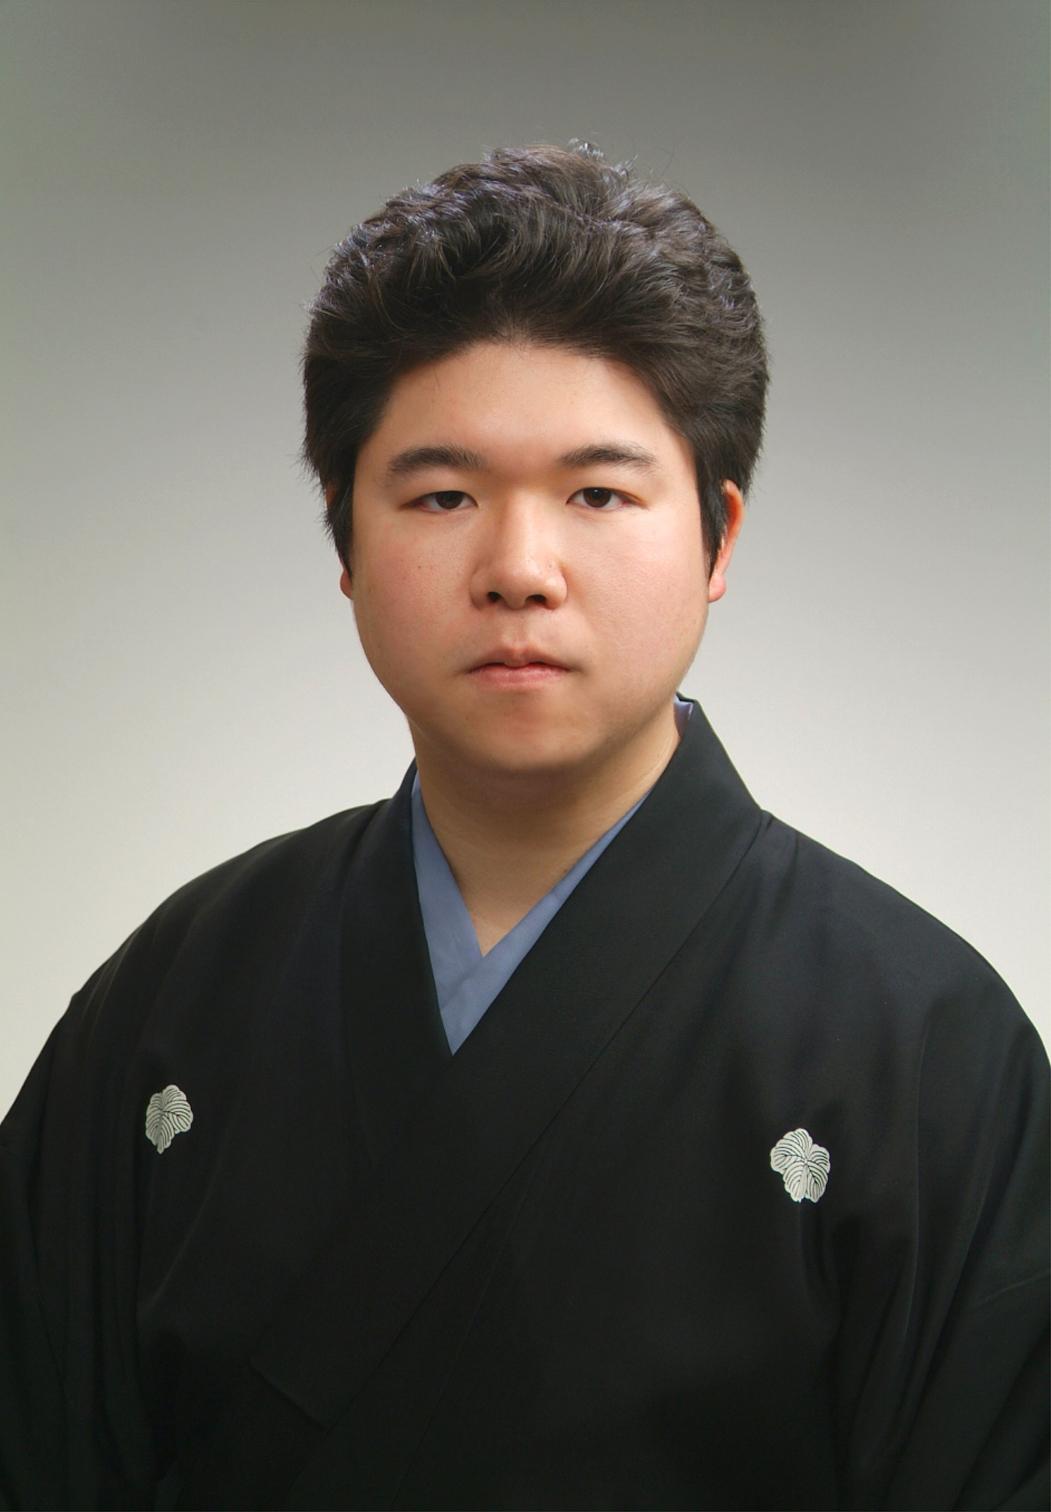 村澤 丈児 Joji MURASAWA(箏・胡弓)